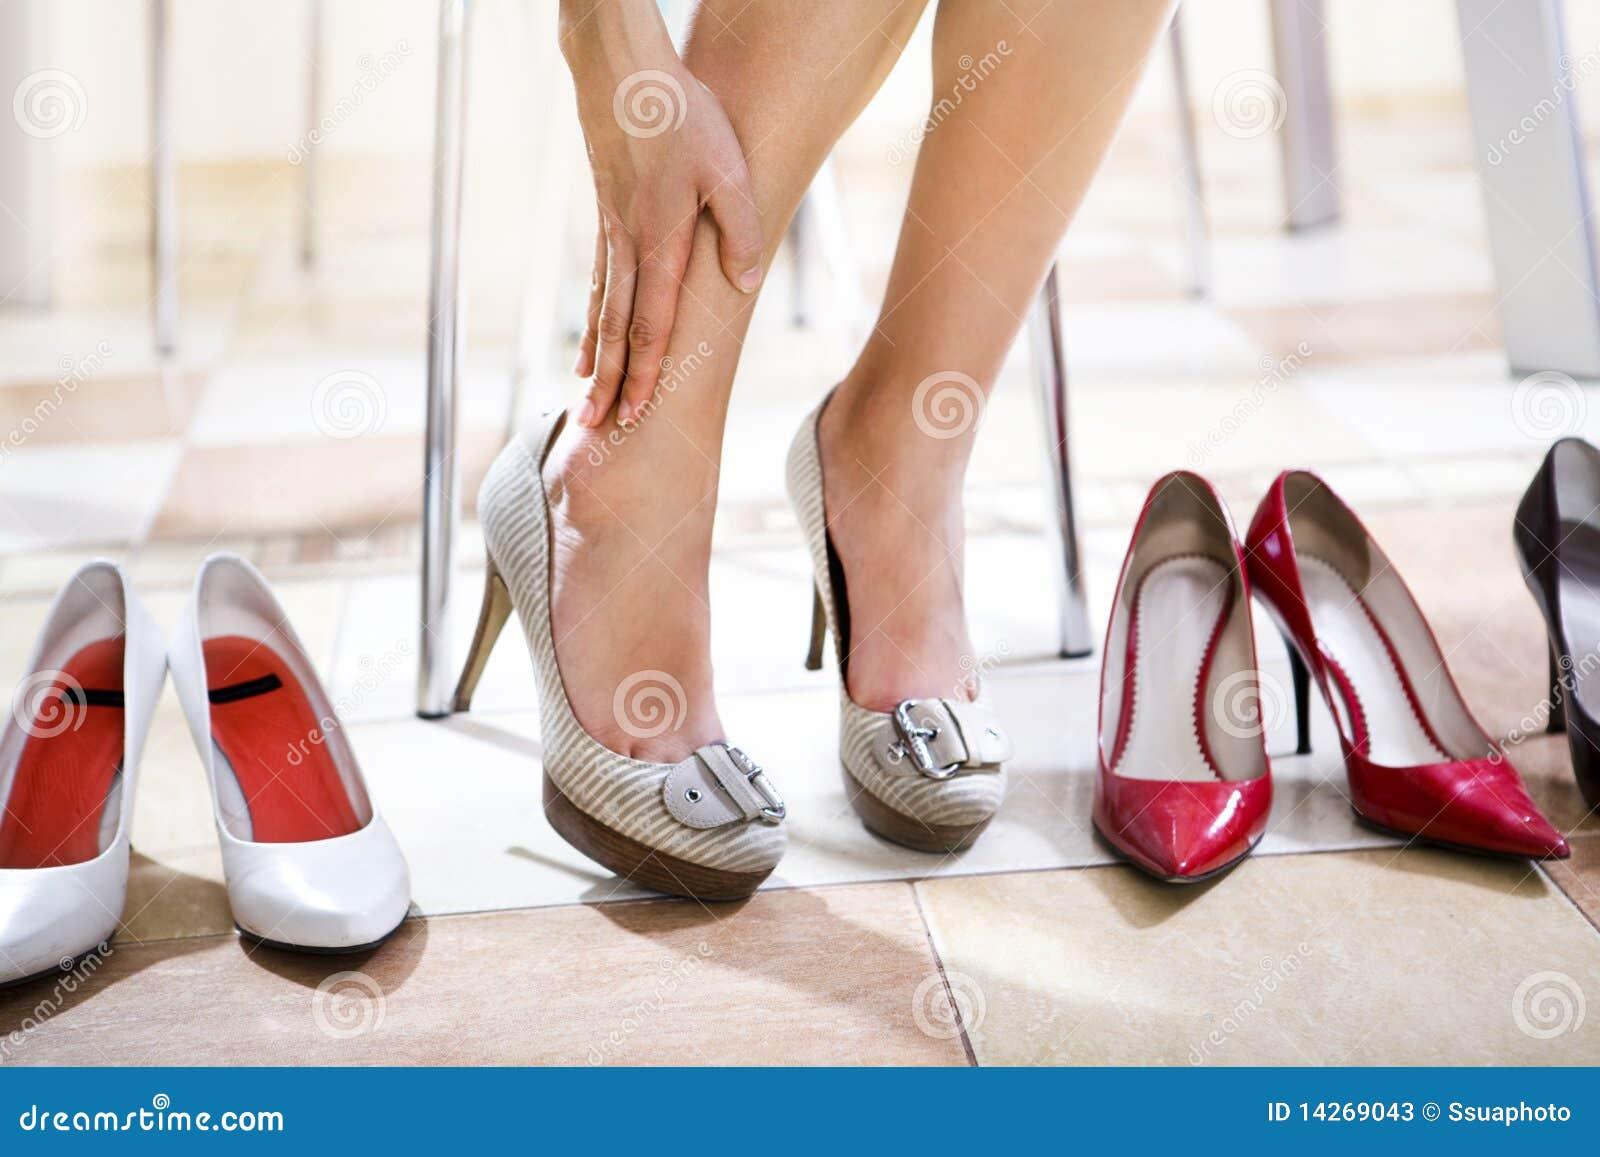 Ходить каблуками по рукам 24 фотография